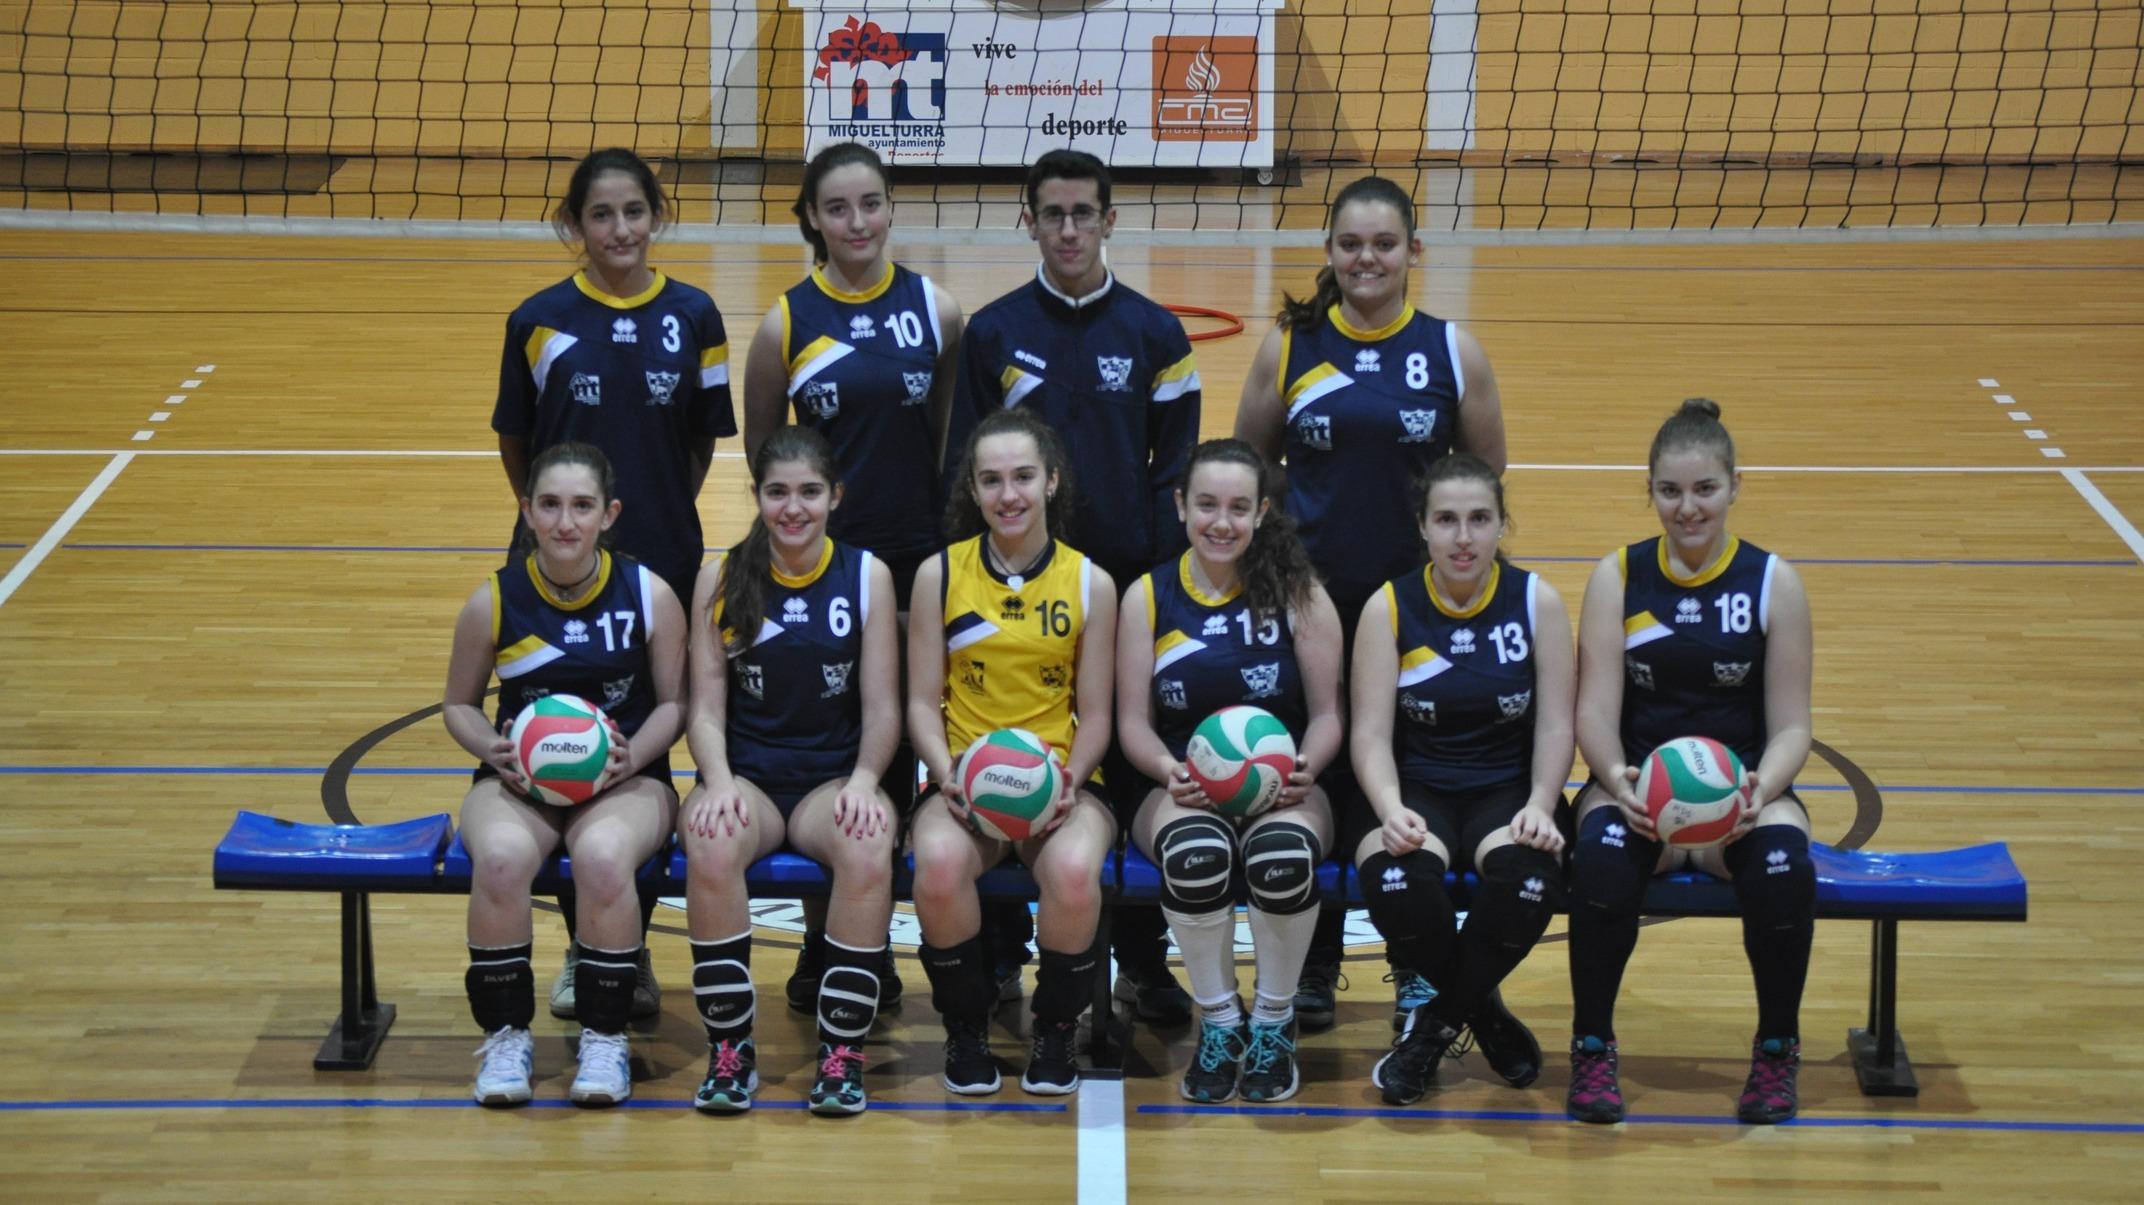 El equipo juvenil femenino